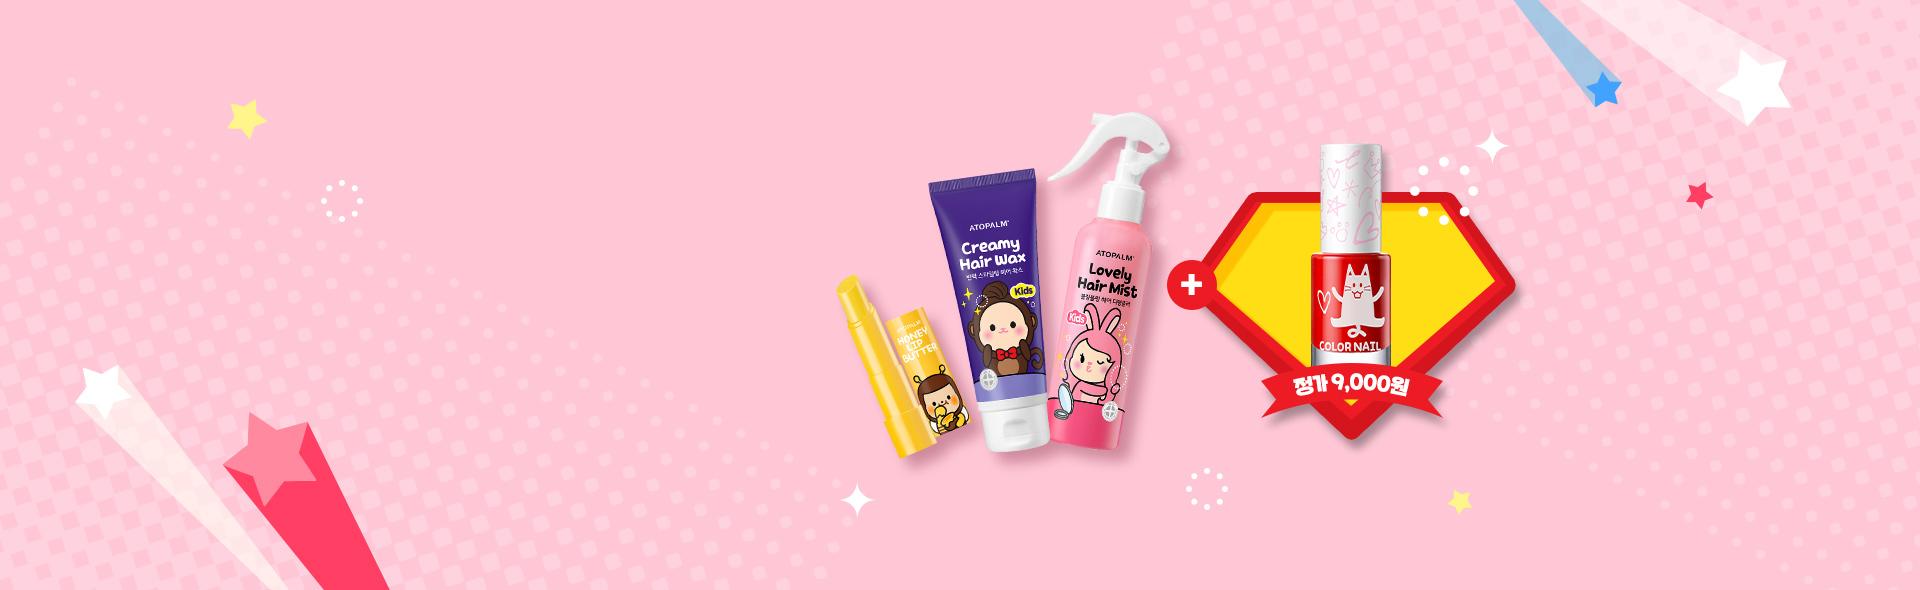 [3주차] 키즈 제품 구매시 정품 증정! 이미지 7